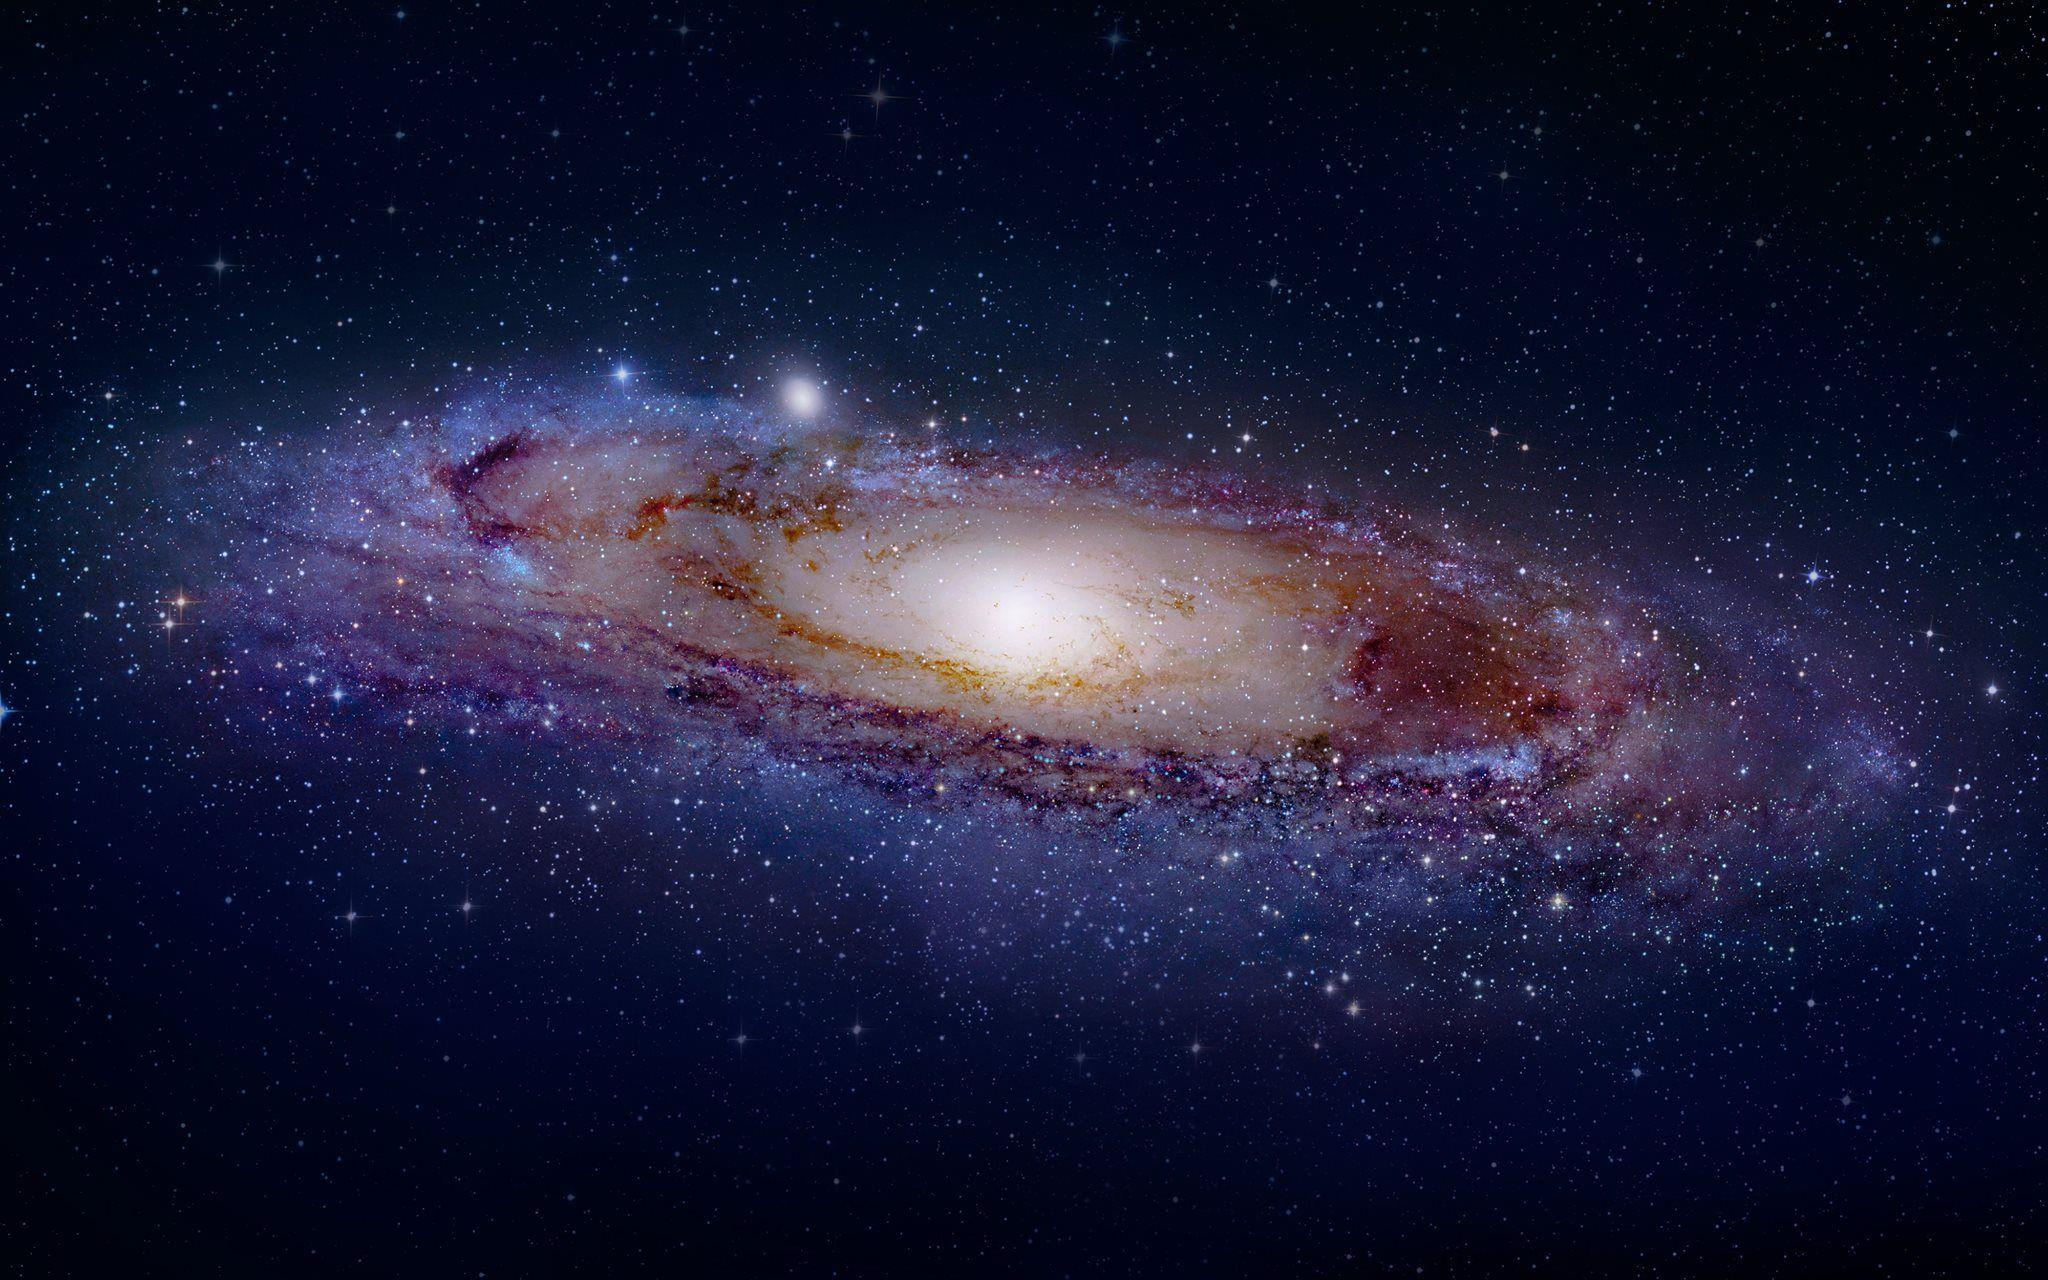 Andromeda Galaxy 4k Wallpaper